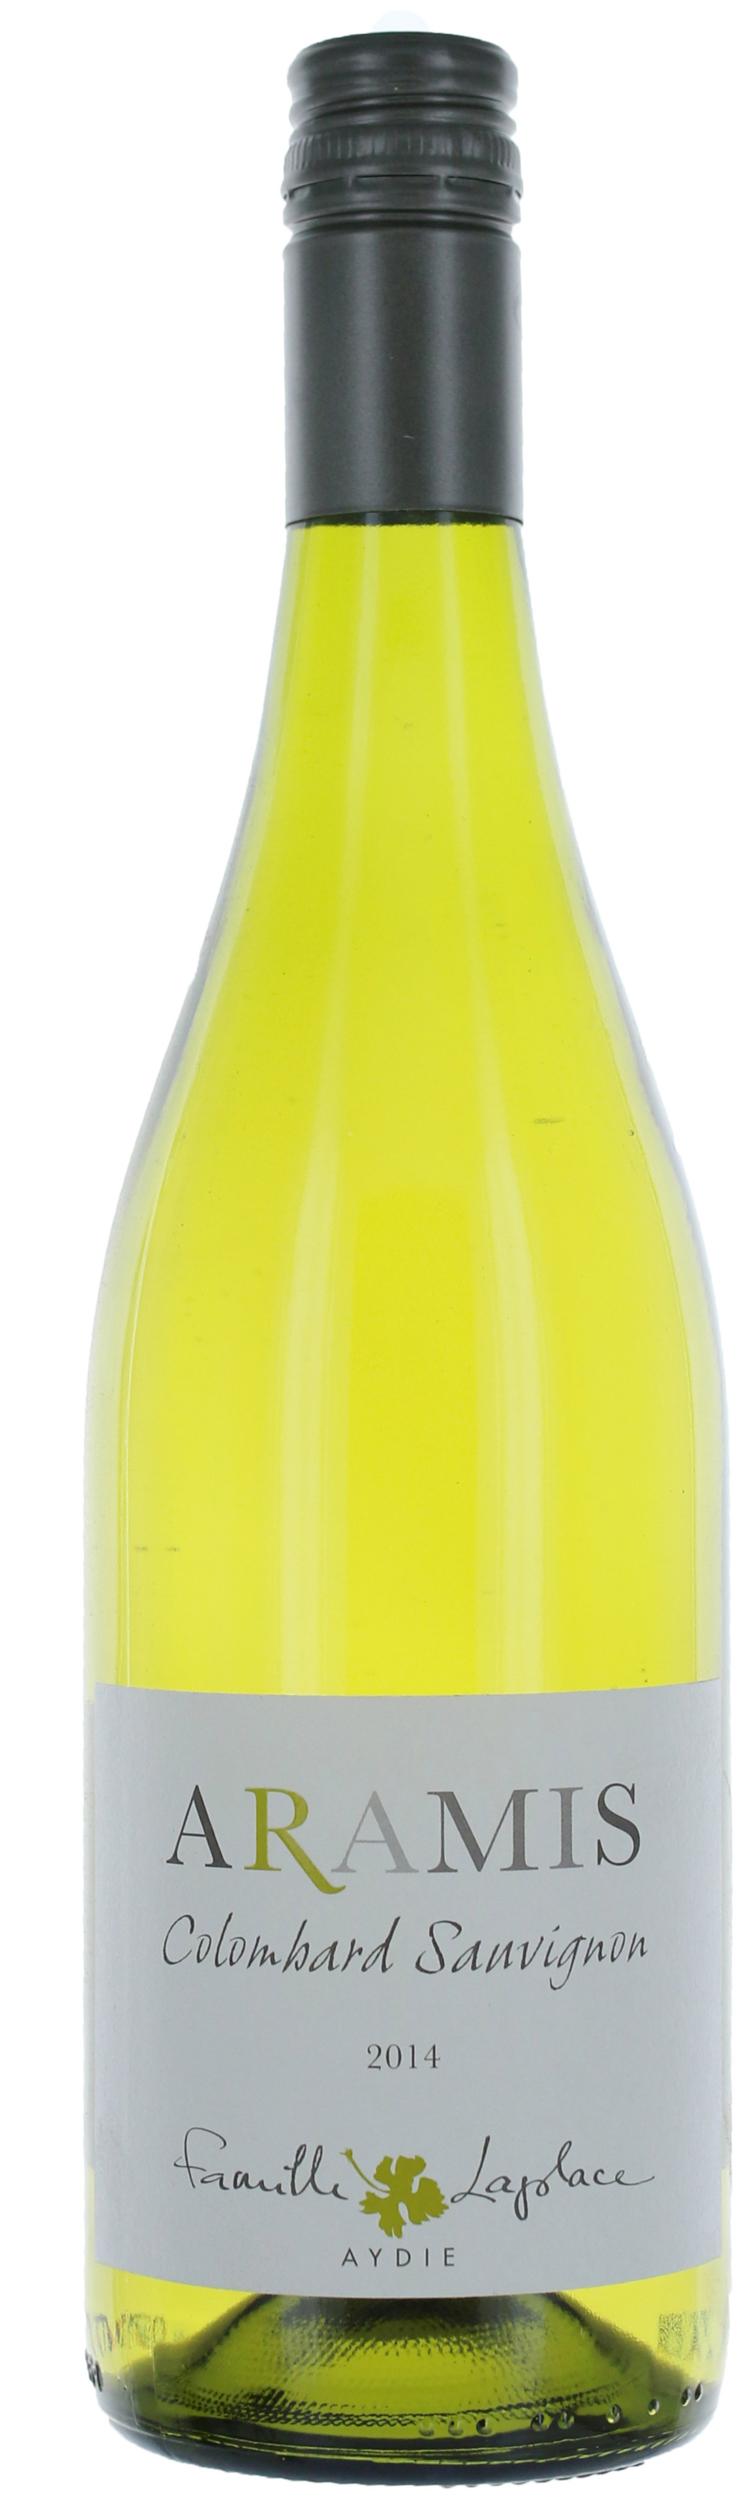 Côtes de Cascogne - Aramis Colombard Sauvignon - Château D\'Aydie - 2017